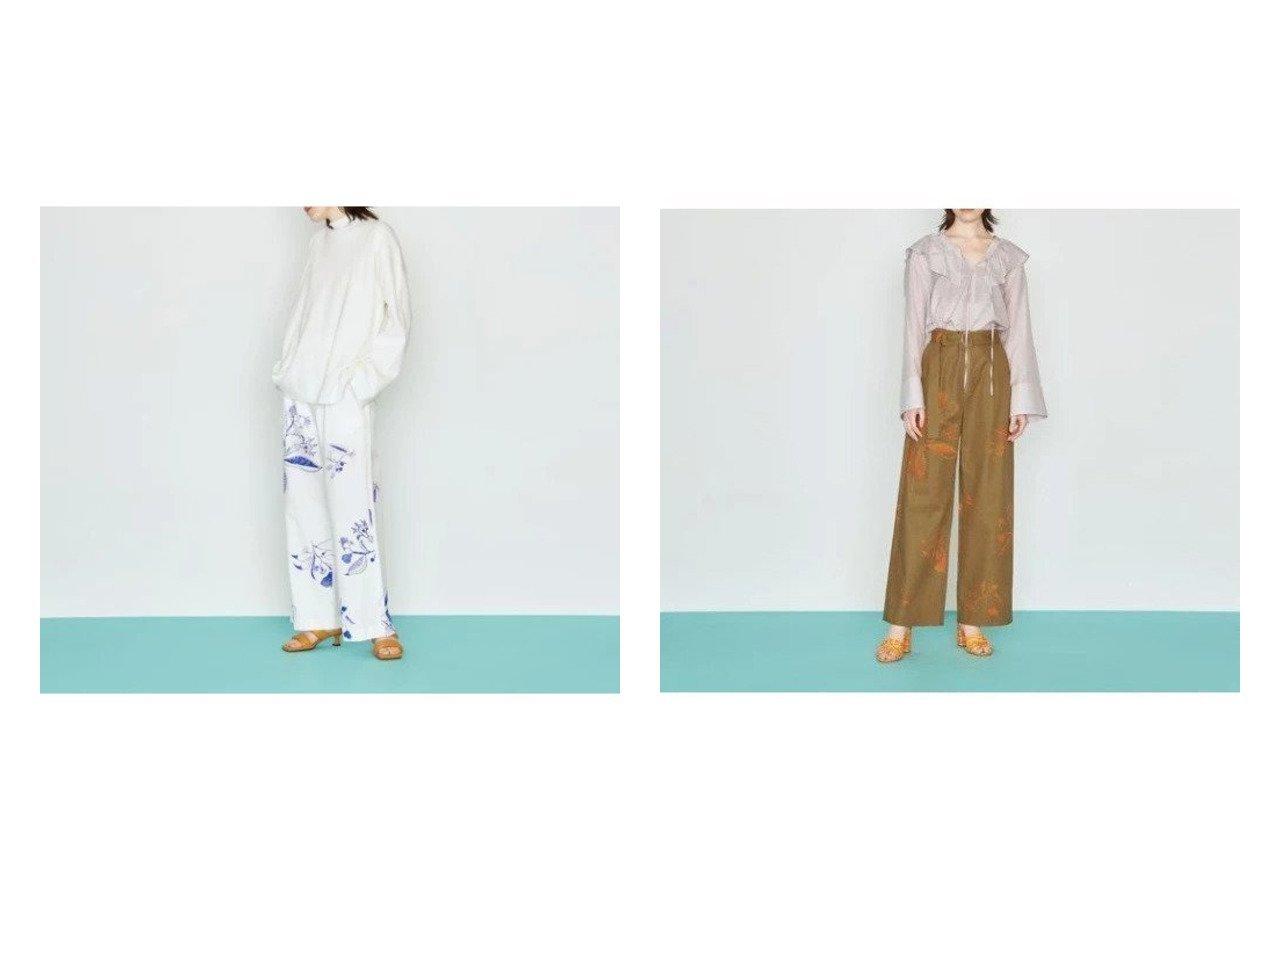 【UNITED ARROWS/ユナイテッドアローズ】のLI フラワープリント パンツ パンツのおすすめ!人気、トレンド・レディースファッションの通販 おすすめで人気の流行・トレンド、ファッションの通販商品 メンズファッション・キッズファッション・インテリア・家具・レディースファッション・服の通販 founy(ファニー) https://founy.com/ ファッション Fashion レディースファッション WOMEN パンツ Pants 雑誌 猫 フラワー フロント プリント おすすめ Recommend |ID:crp329100000023222